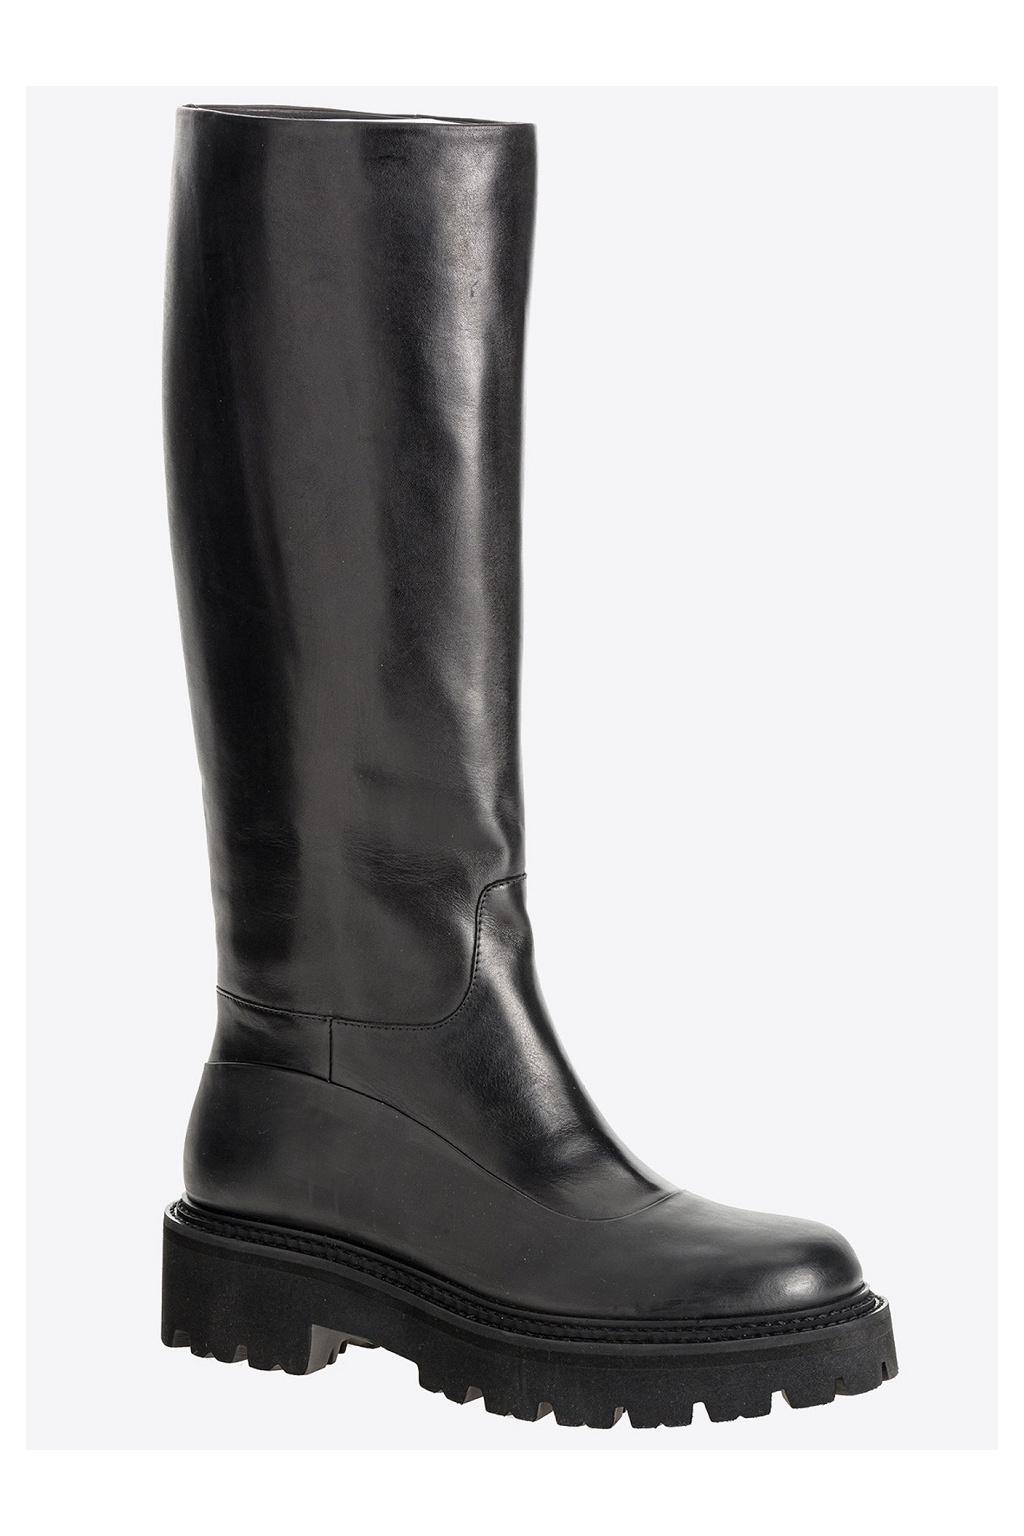 Dámská obuv Pinko Fortaleza černá 0